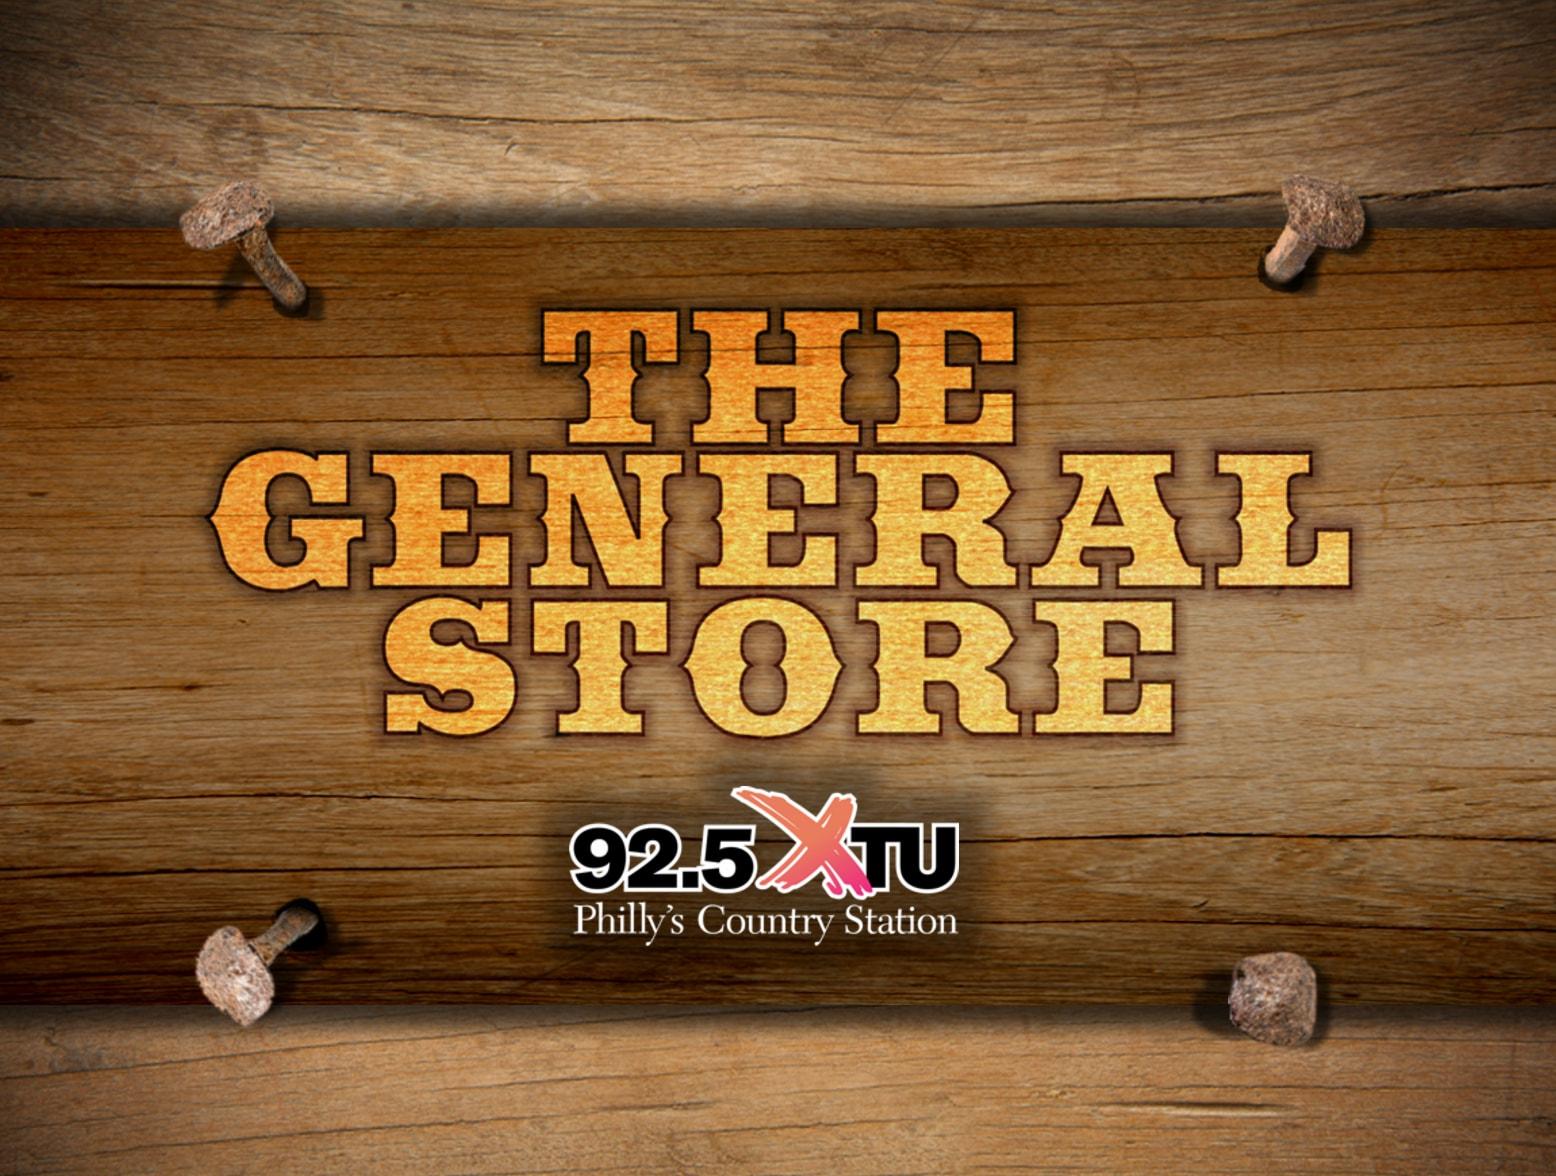 XTU GENERAL STORE